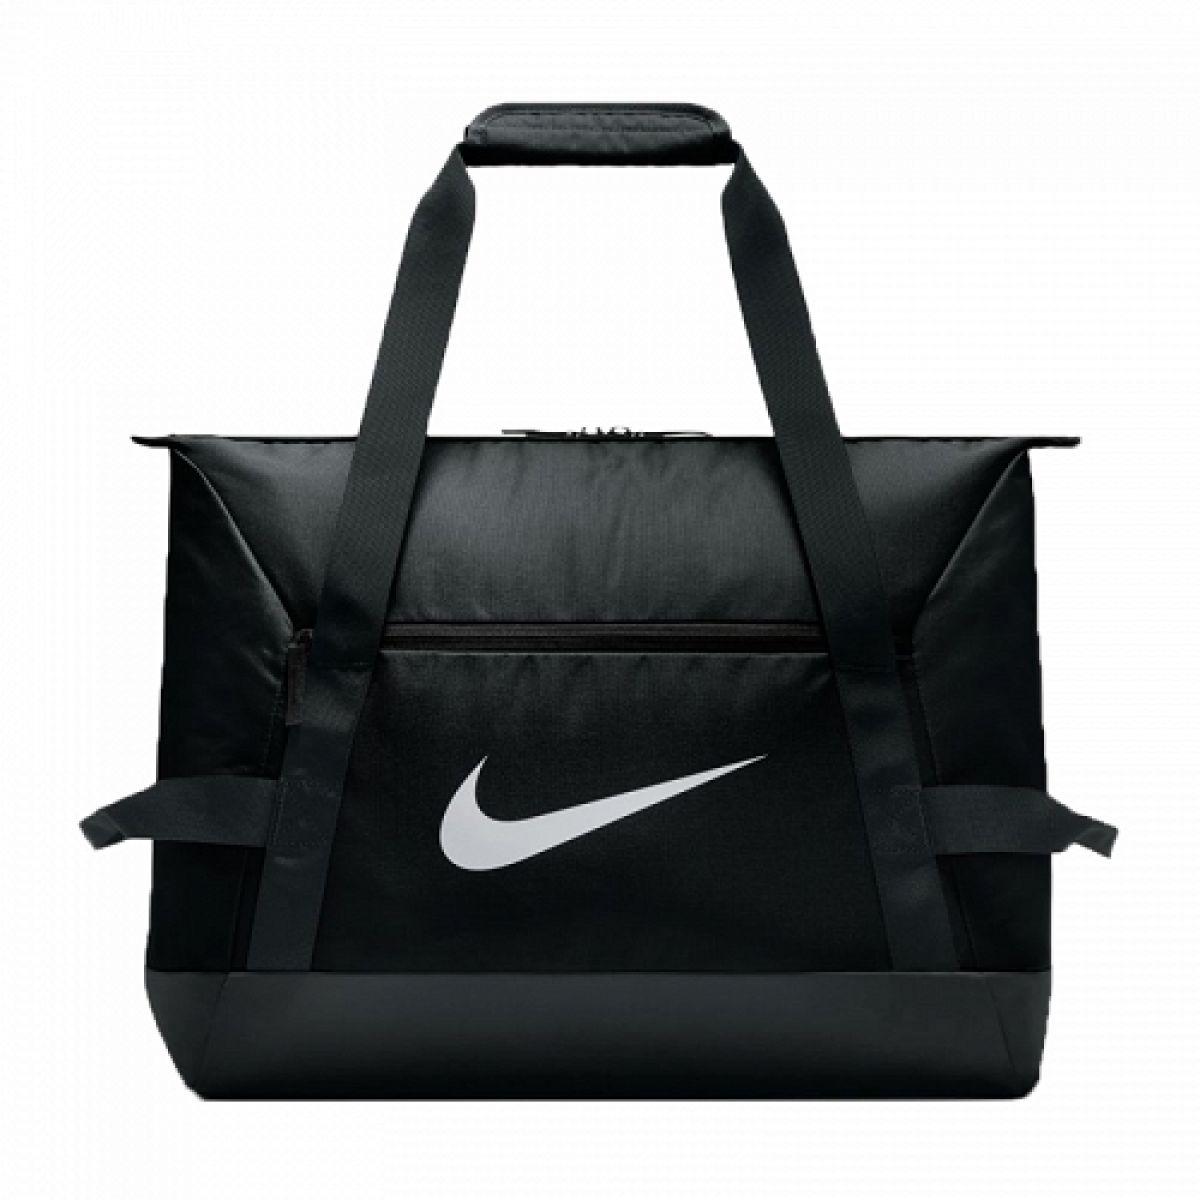 Sac Nike Academy Club Team rS Noir